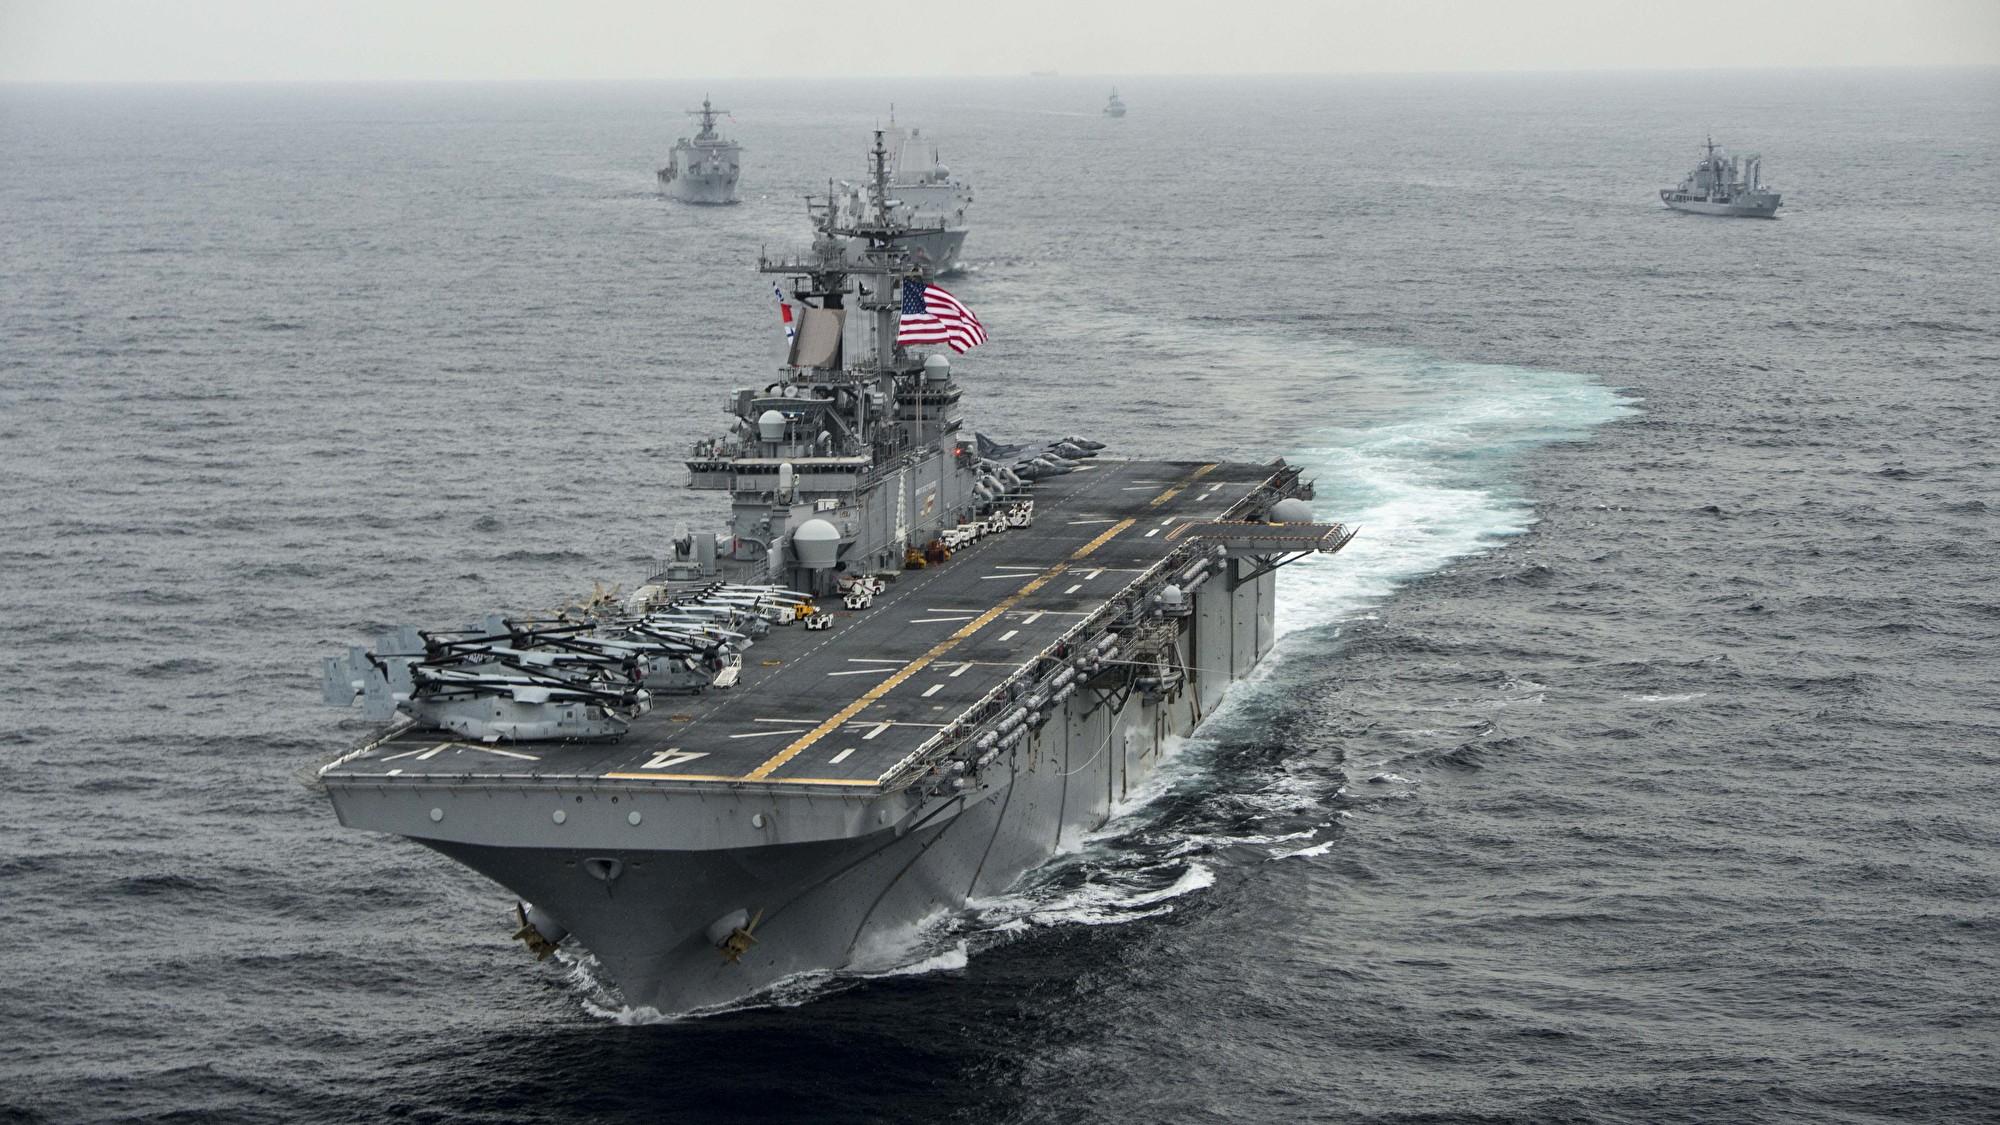 美軍官表示,上周美國海軍突擊艦拳師號(USS Boxer LHD-4)可能擊落了兩架伊朗無人機。圖為USS Boxer。(MCSN Craig Z. Rodarte/U.S. Navy via Getty Images)